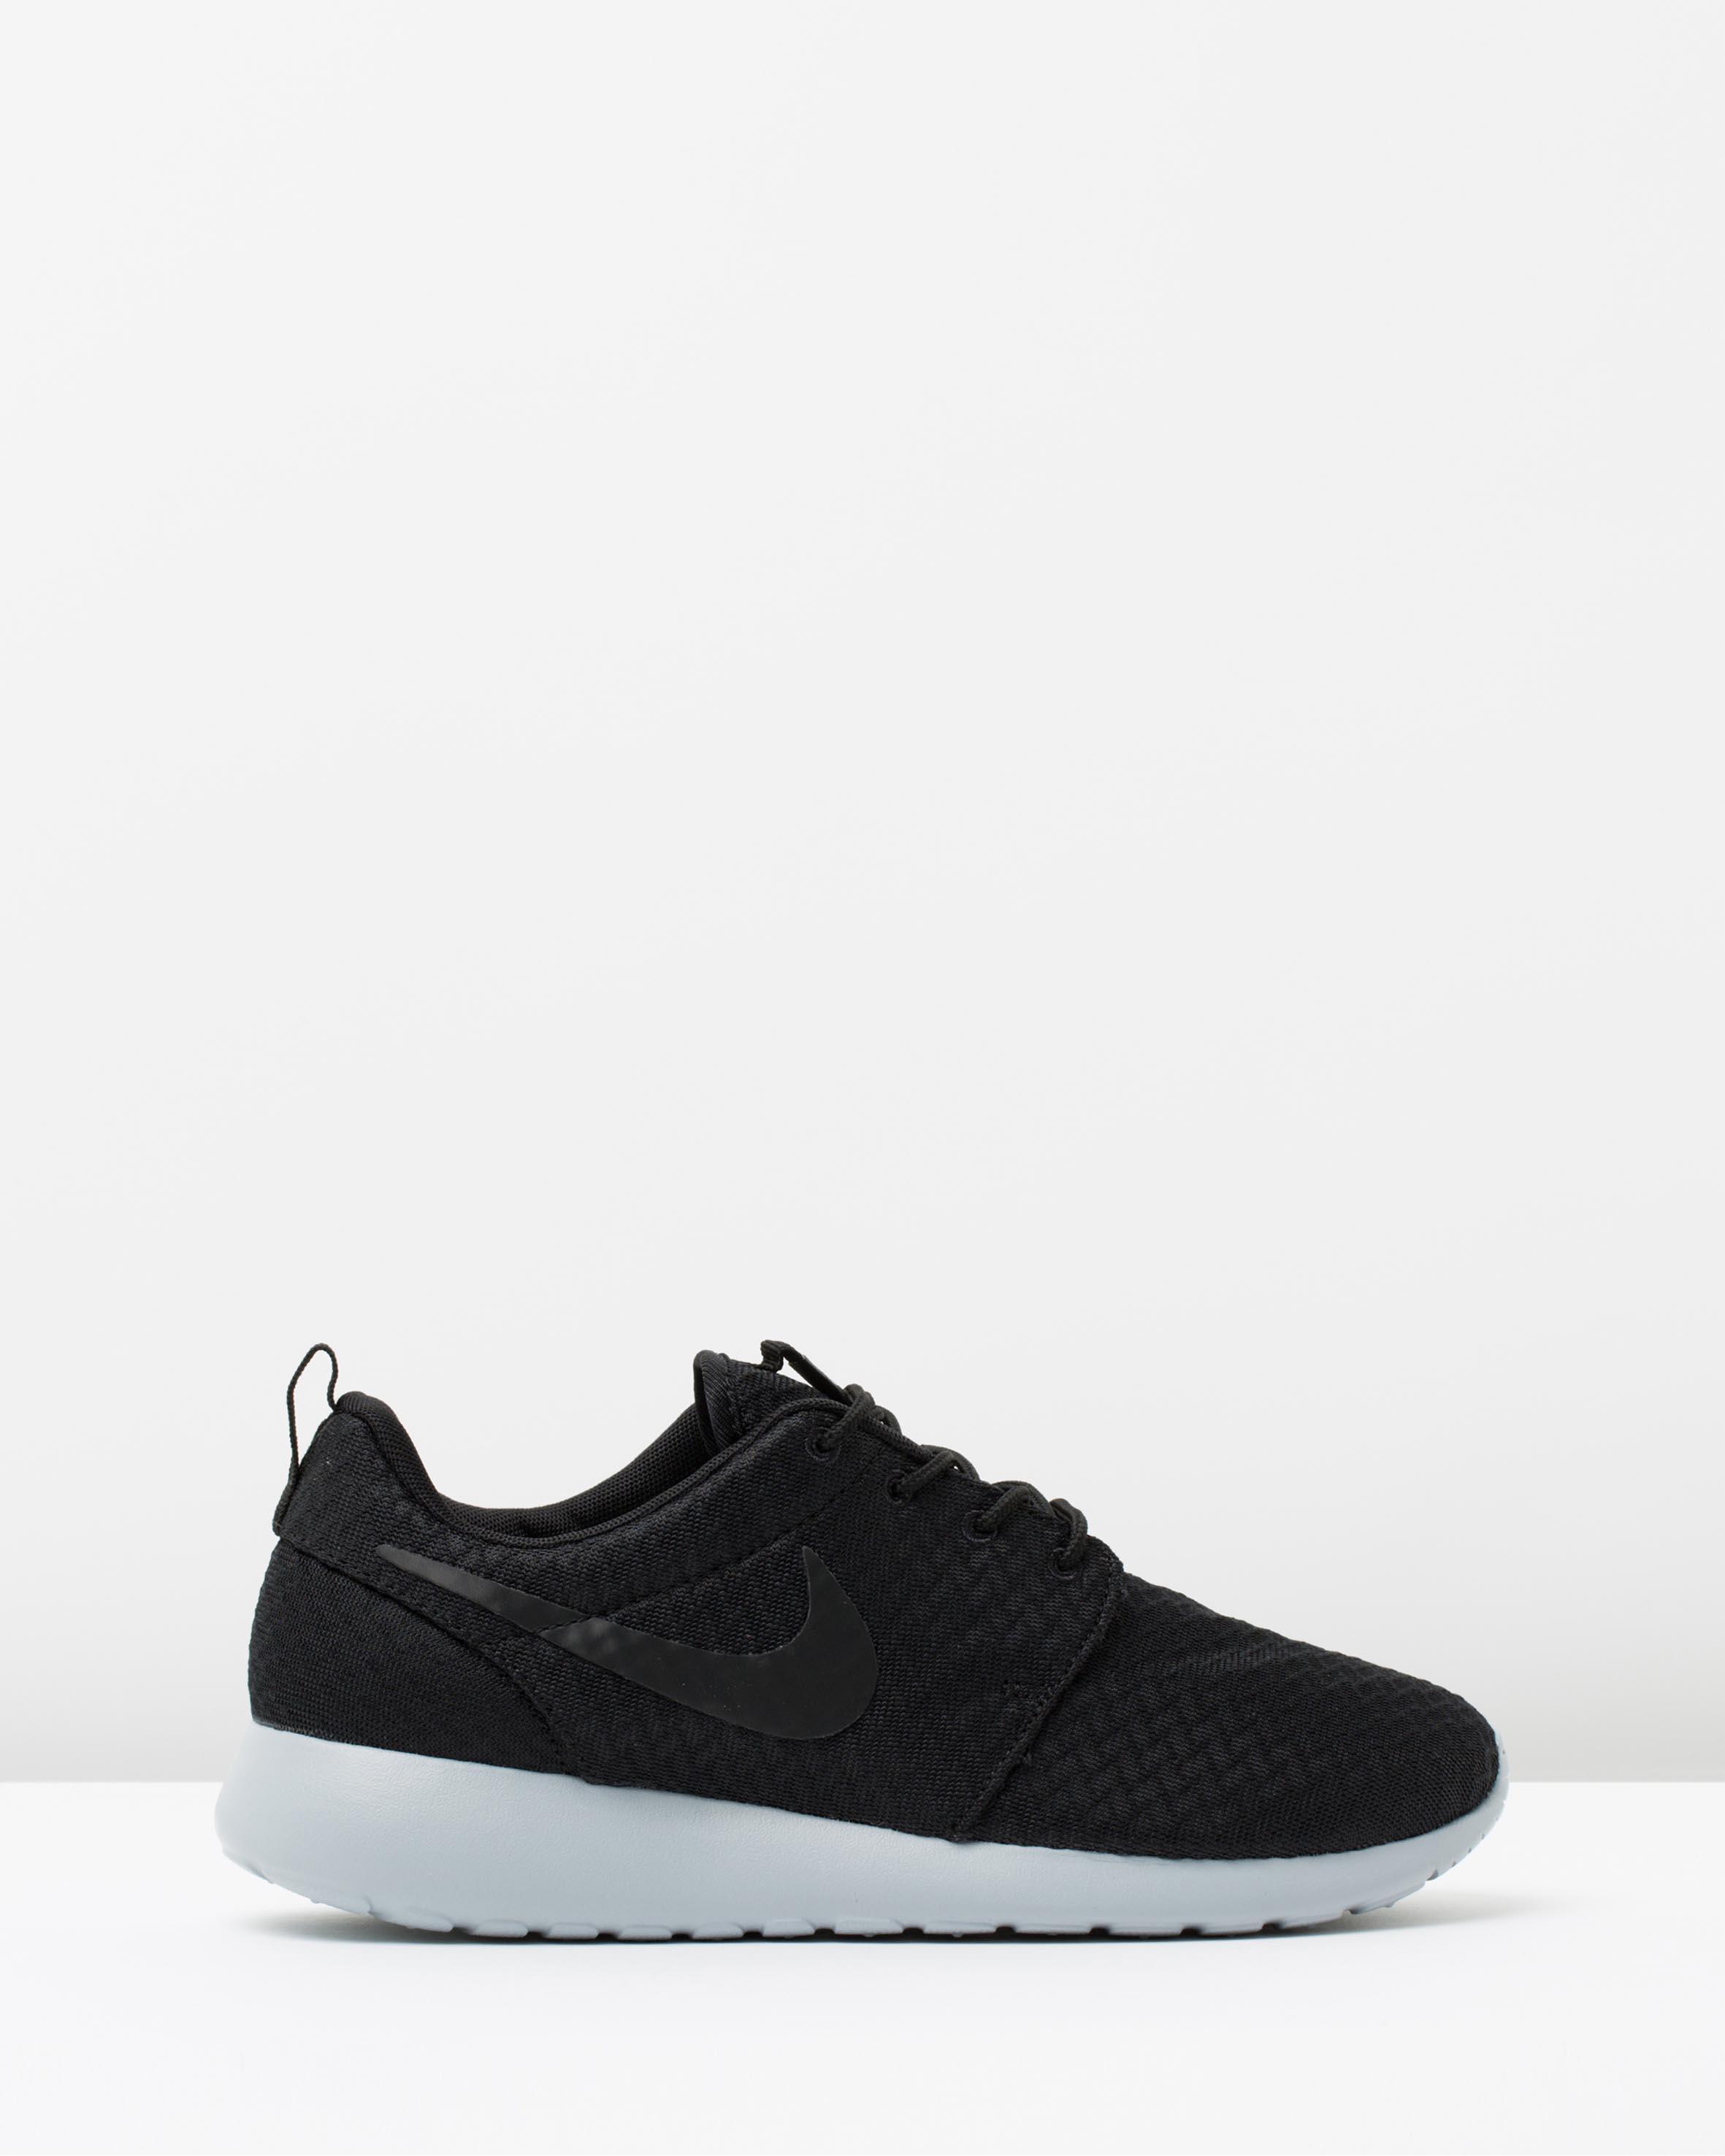 Buy wholesale shoes online Shoes